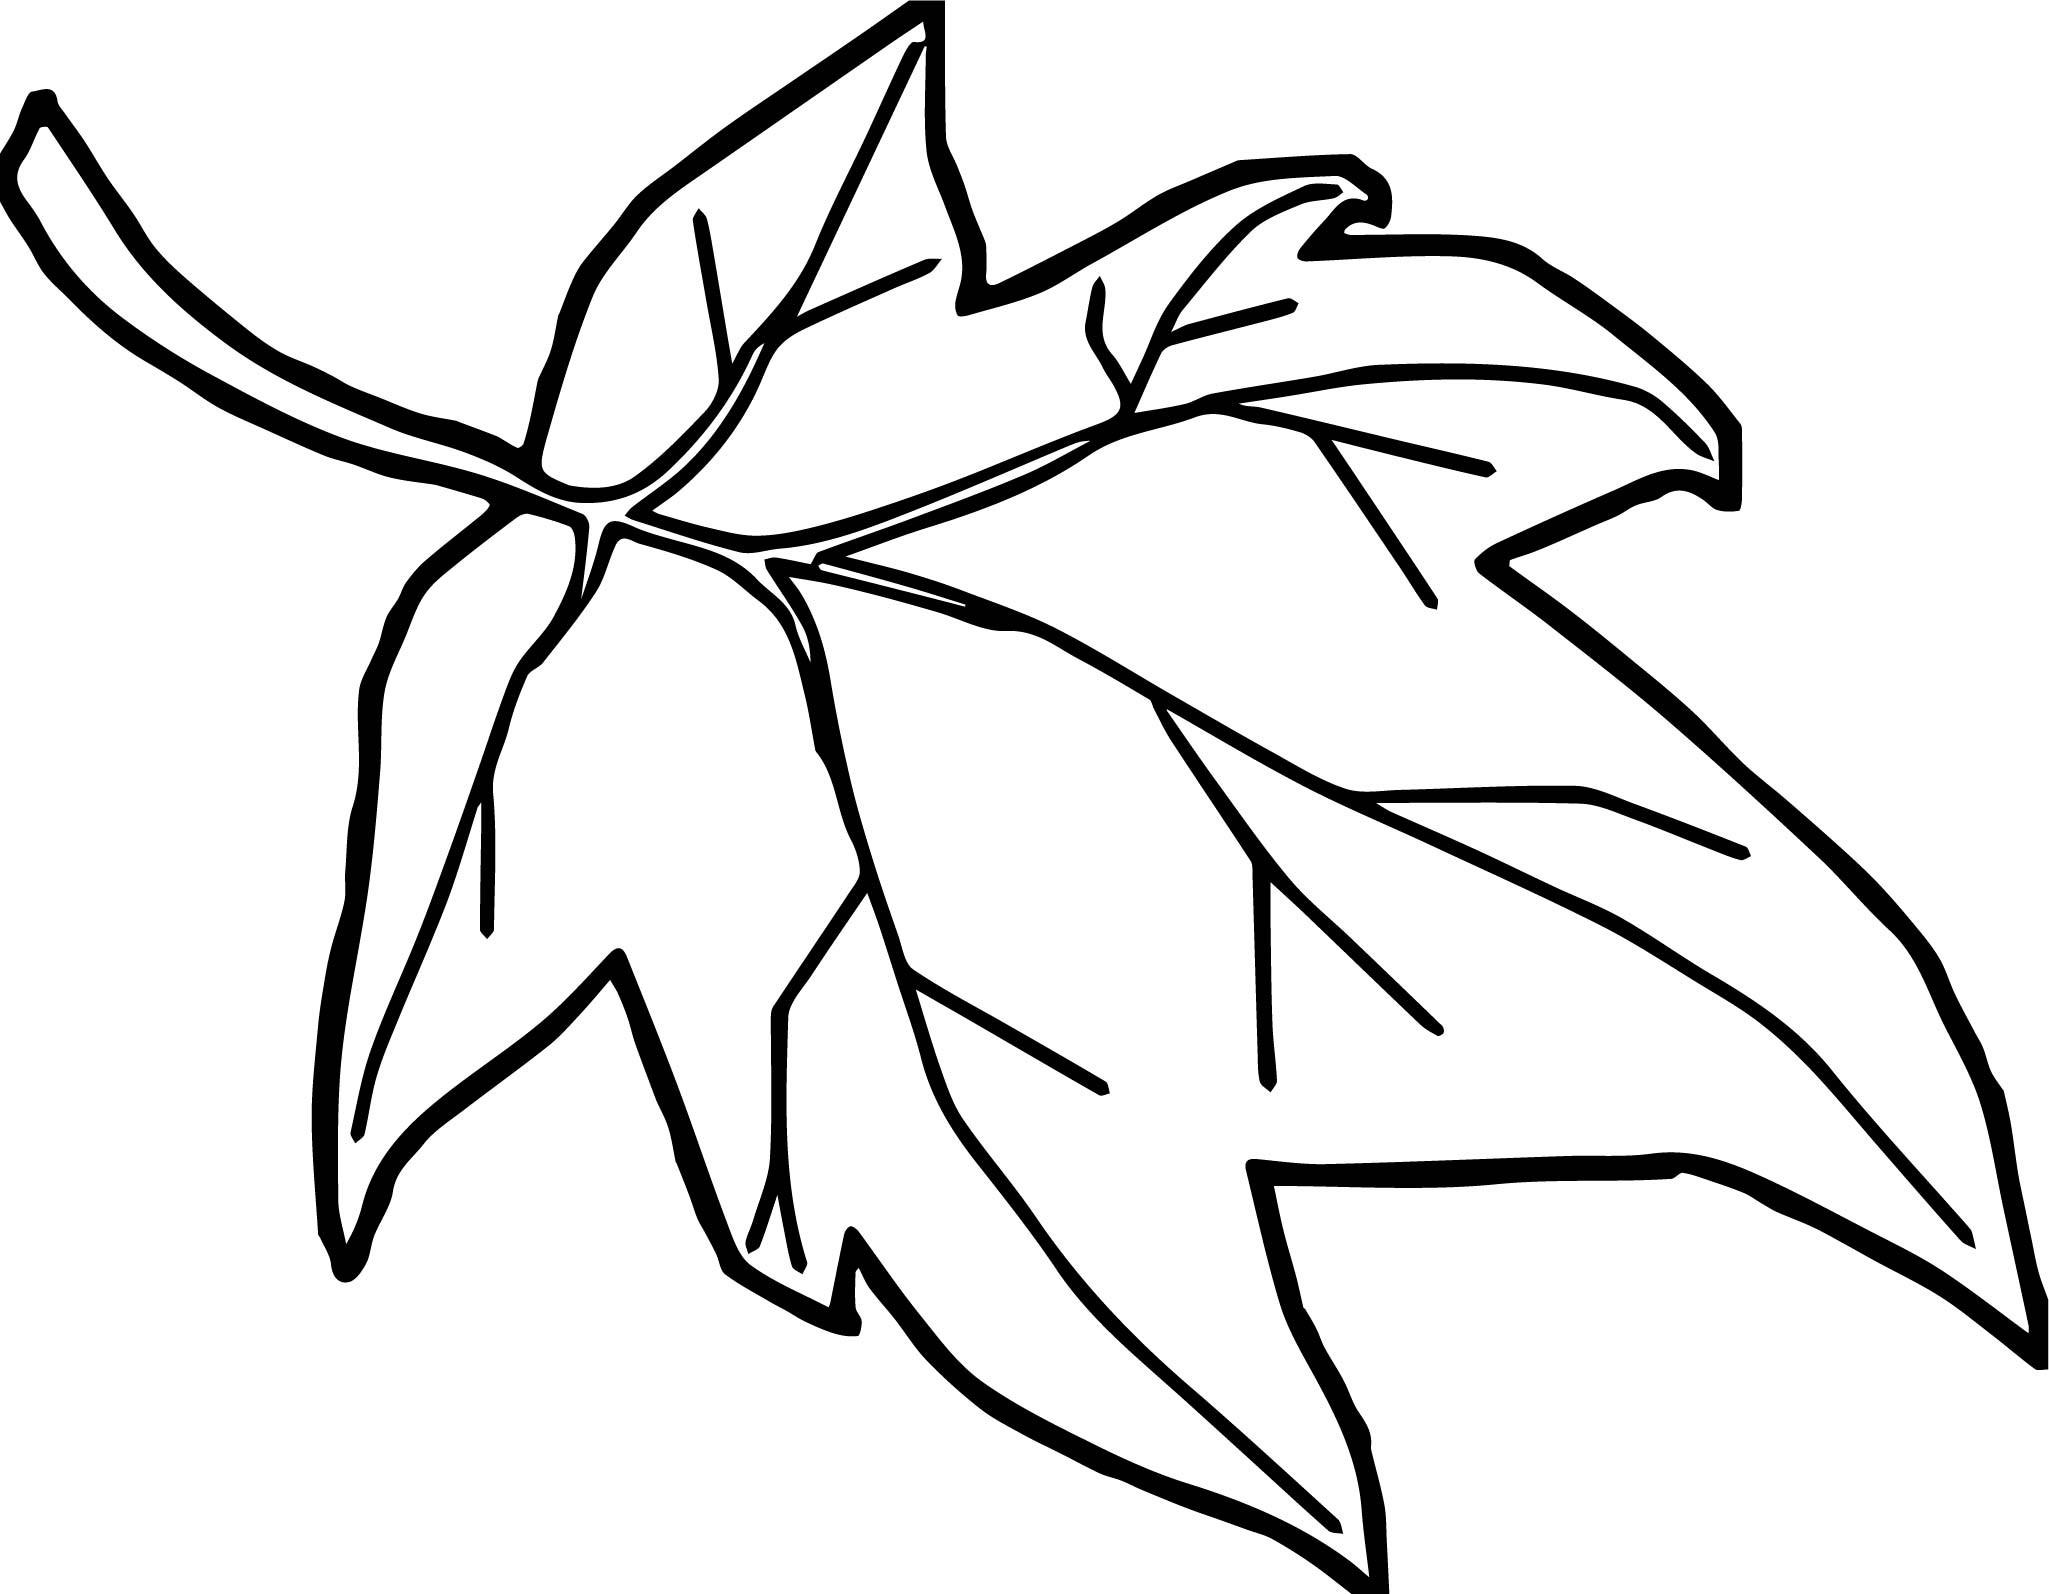 Leaf Cartoon Drawing At Getdrawings